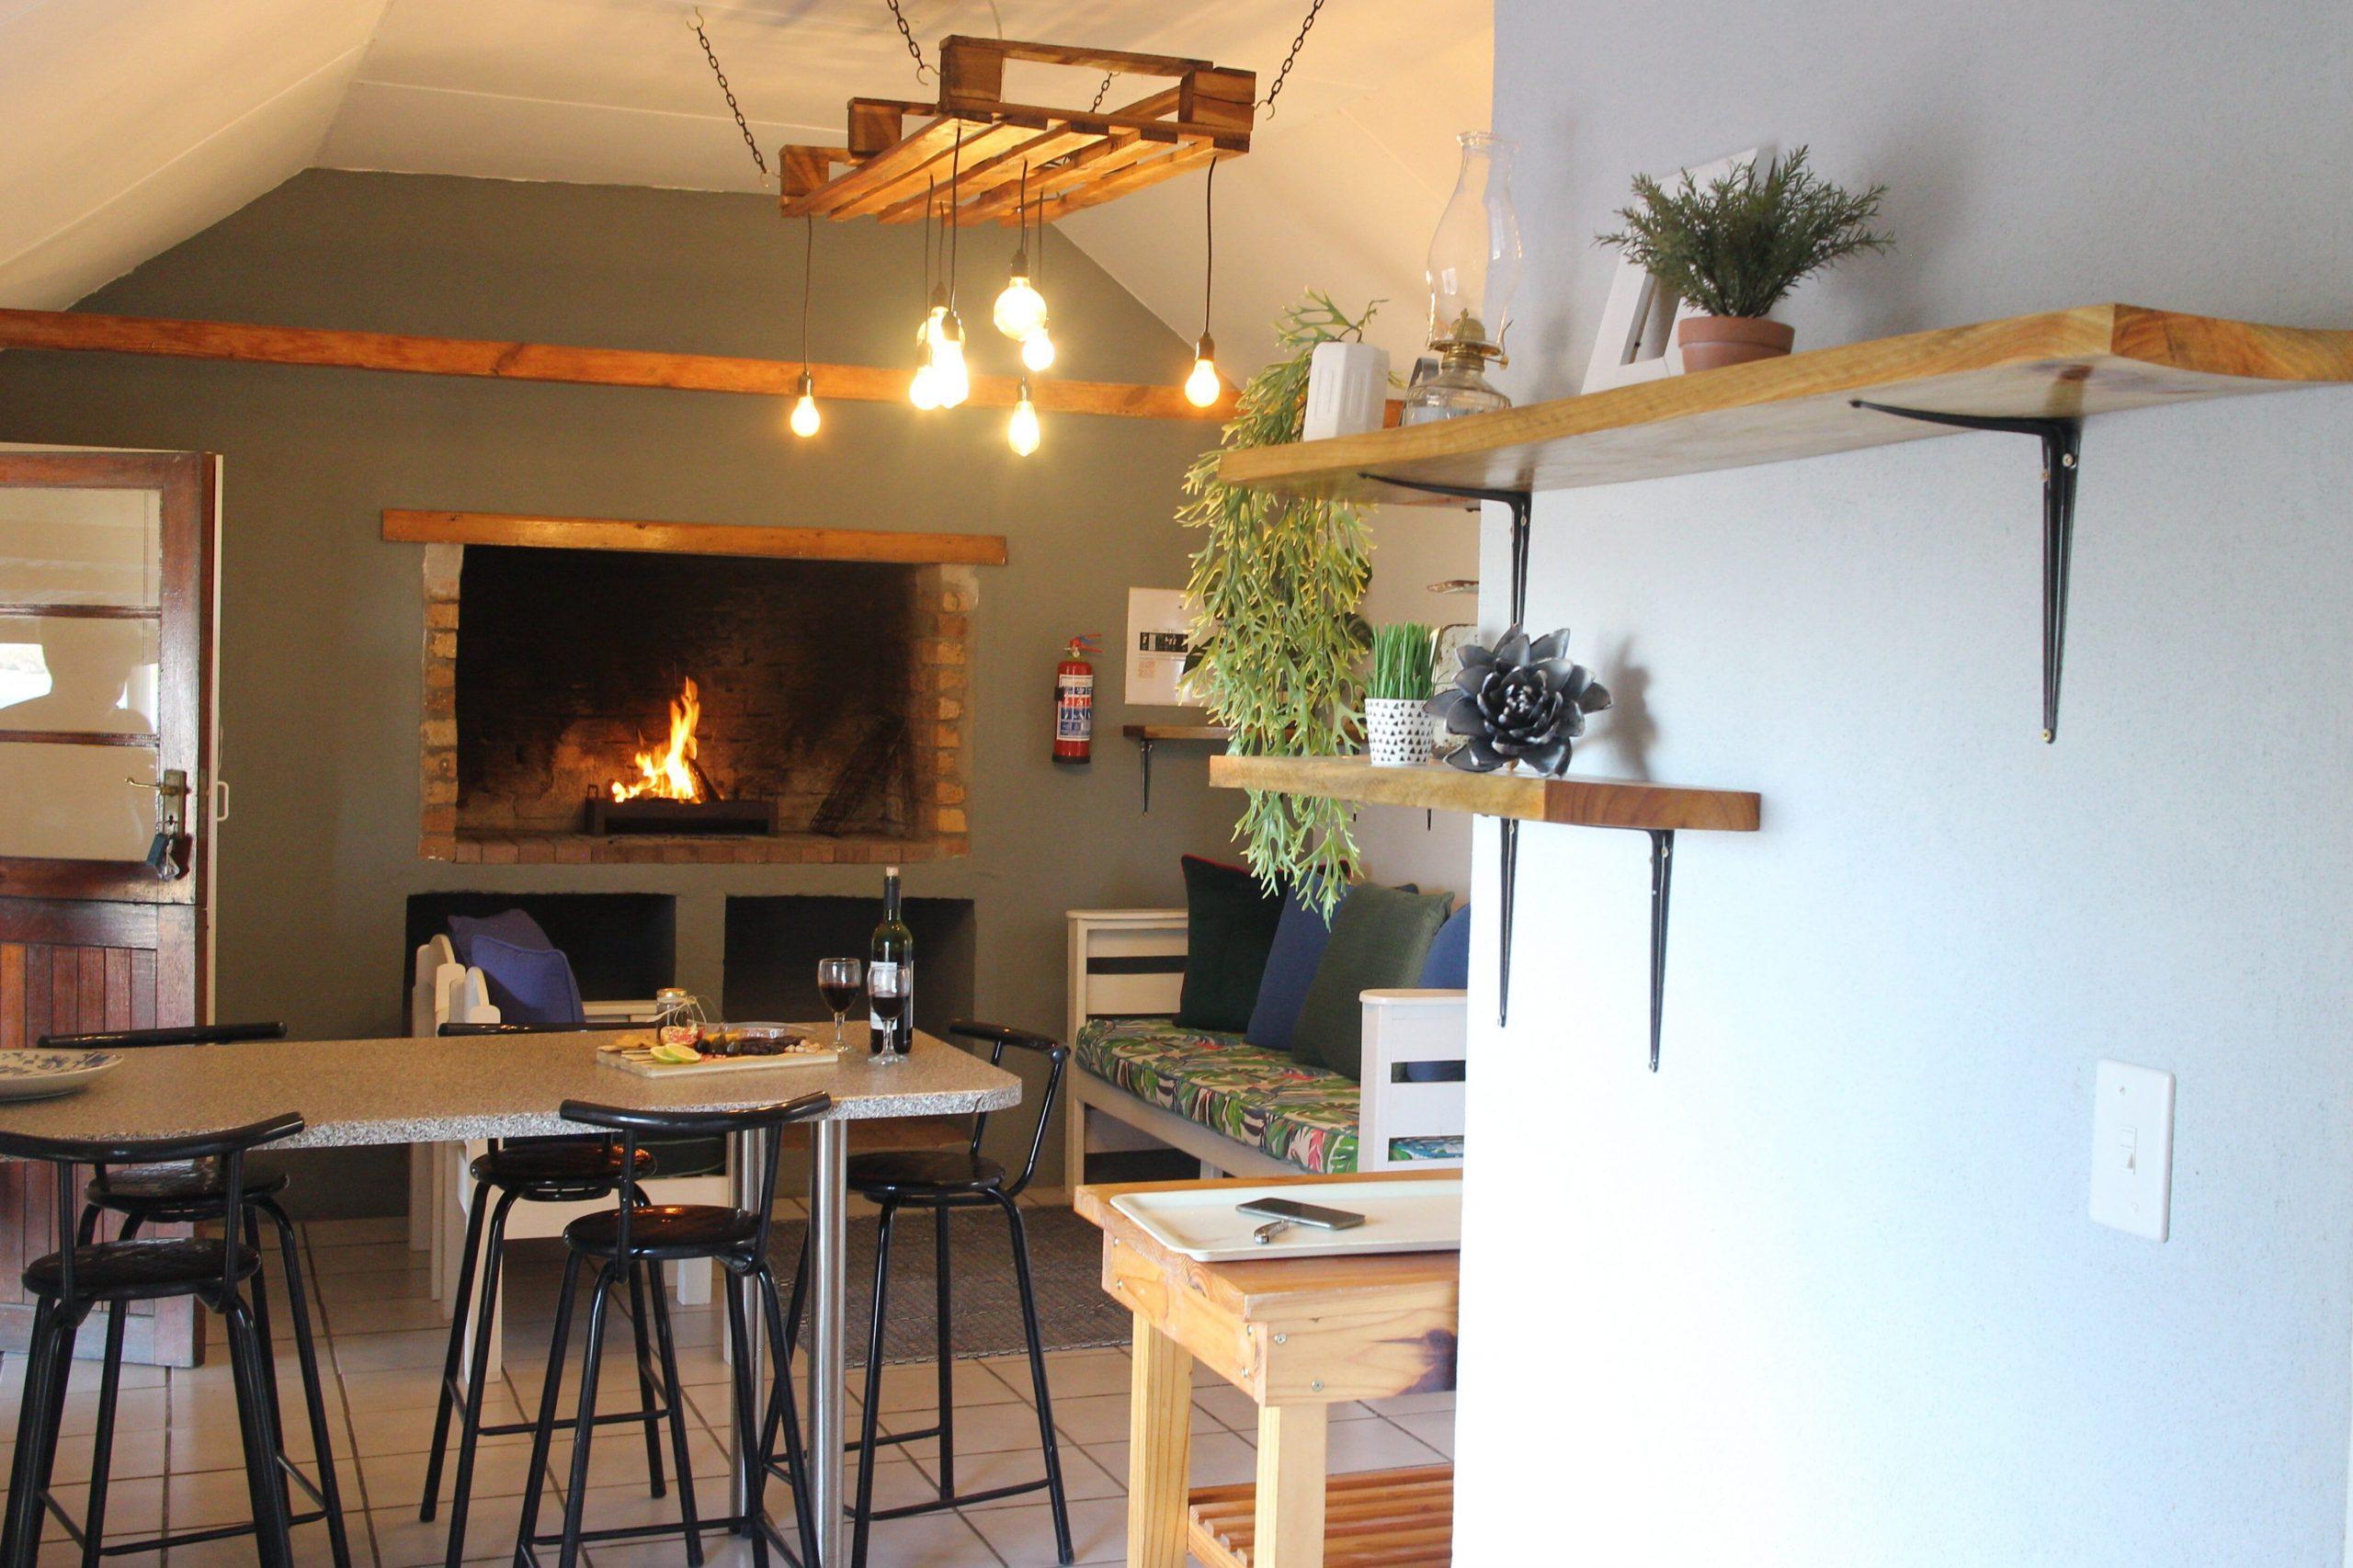 Kuifkopvisvanger - Lepelaar Cottage, self catering accommodation on the Berg River, Velddrif, West Coast 1